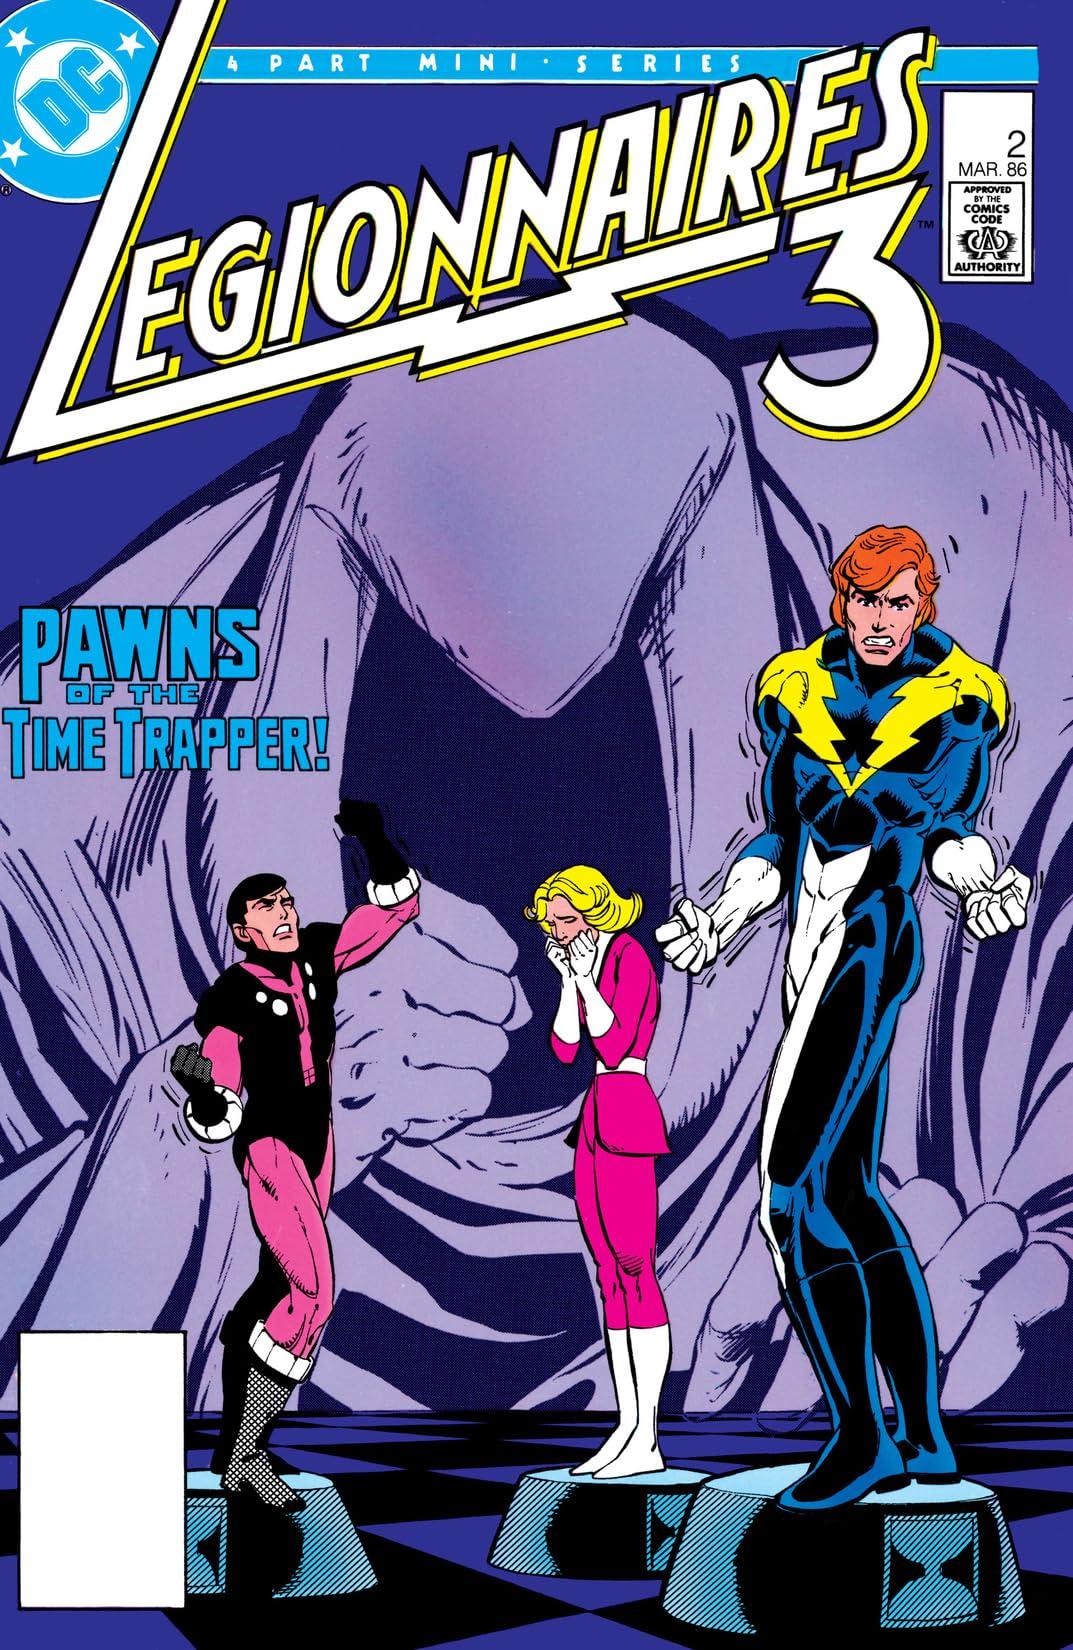 Legionnaires 3 (1986) #2